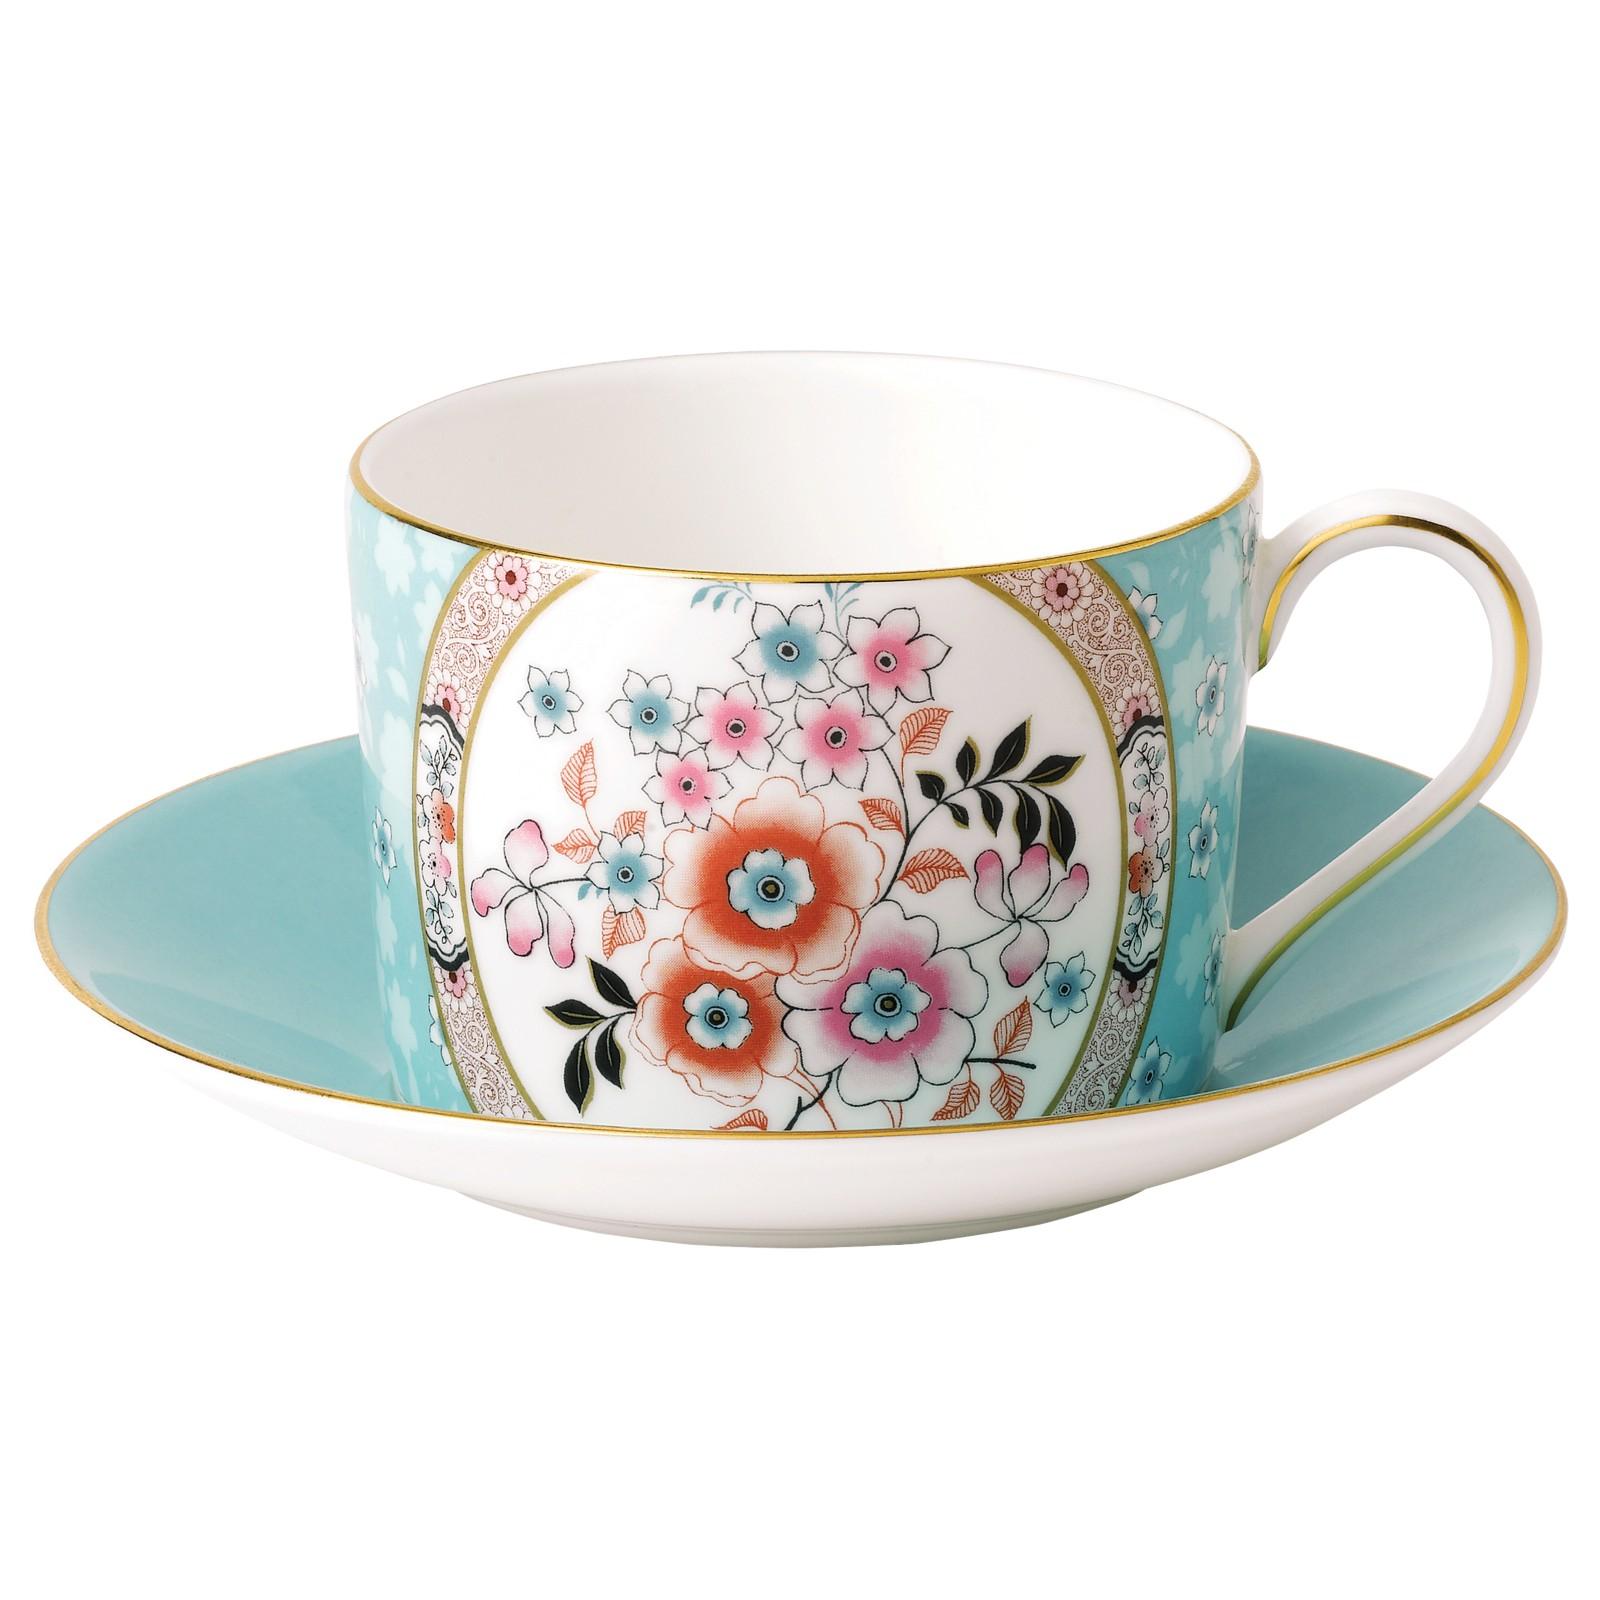 Фото - Чайная пара Wedgwood Wonderlust Камелия 150 мл чайная пара mercury 150 мл керамика